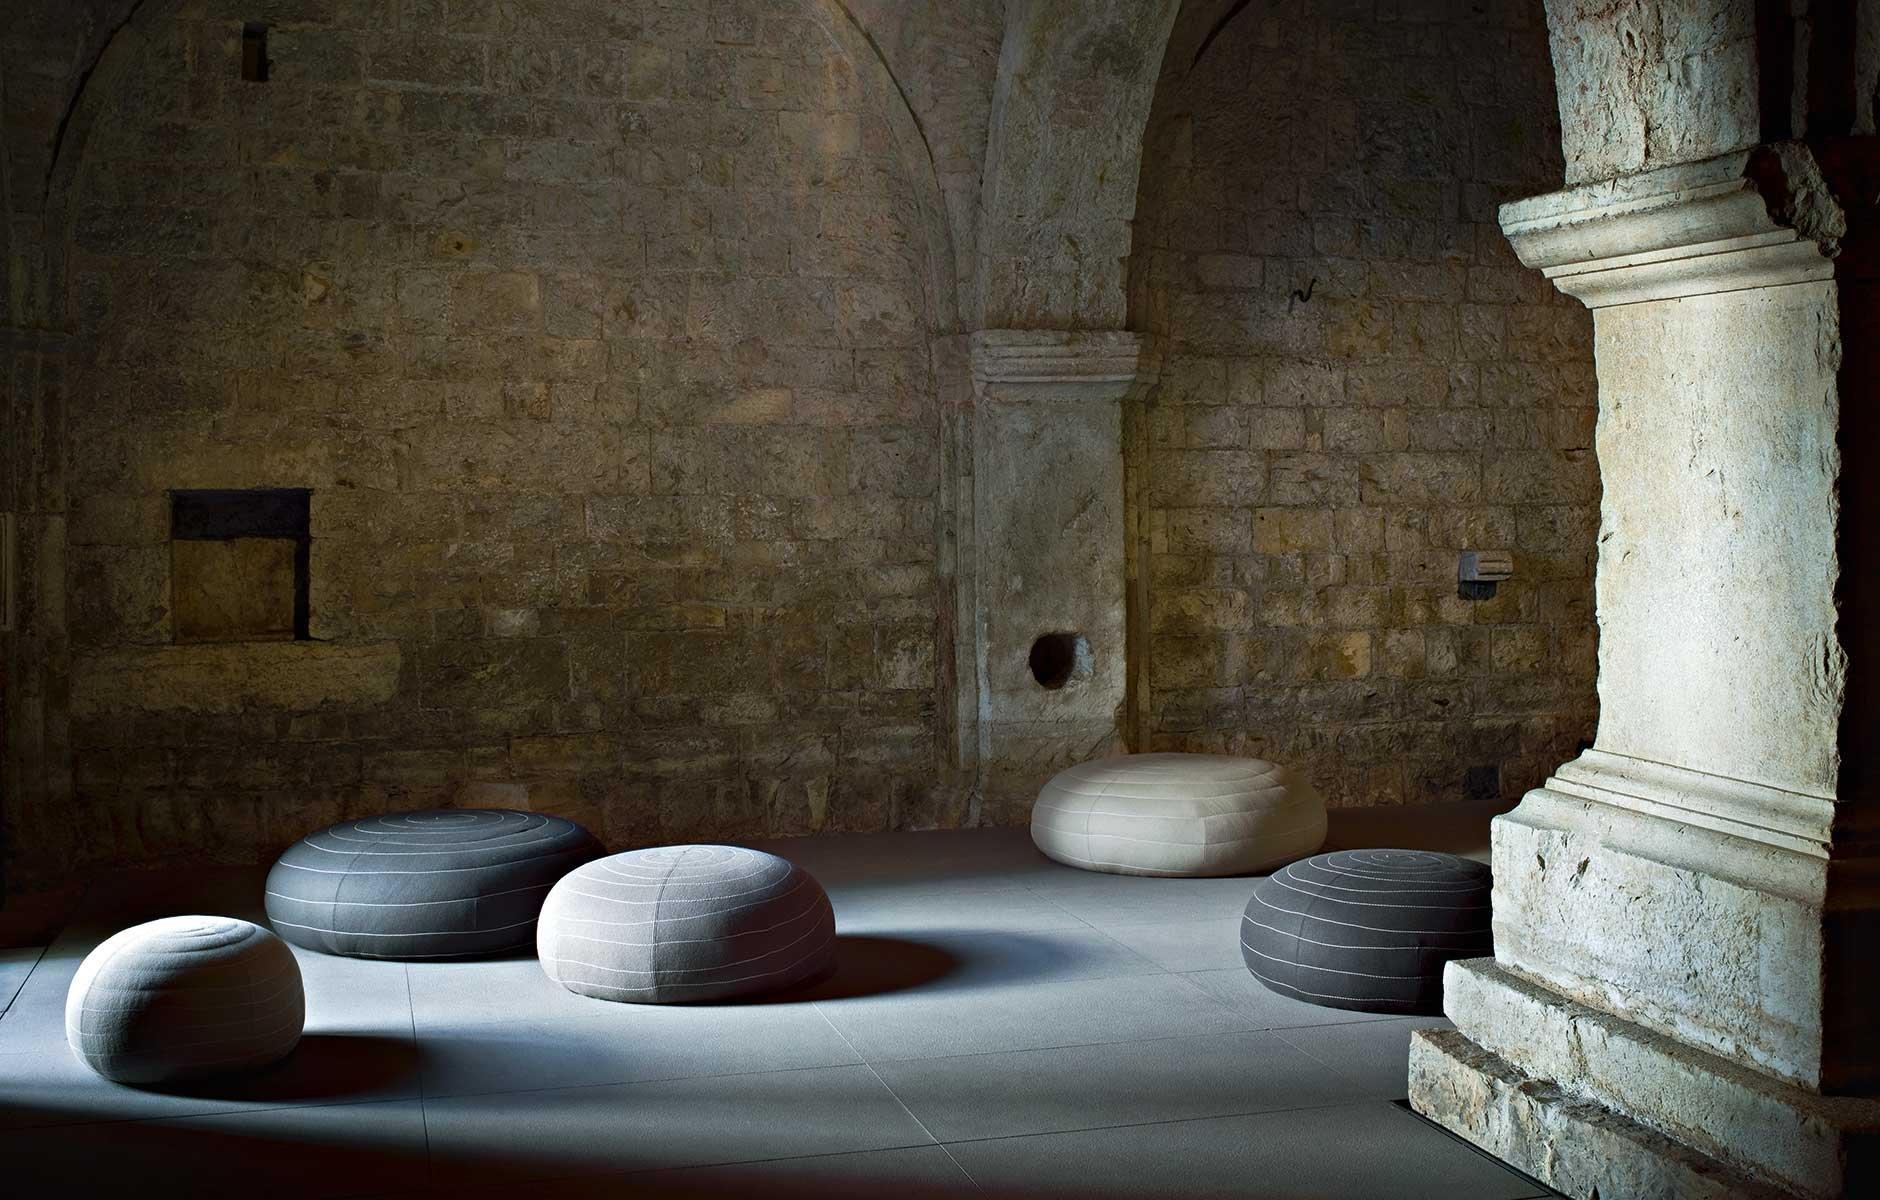 Spin Ottoman from Tacchini, designed by Claesson Koivisto Rune